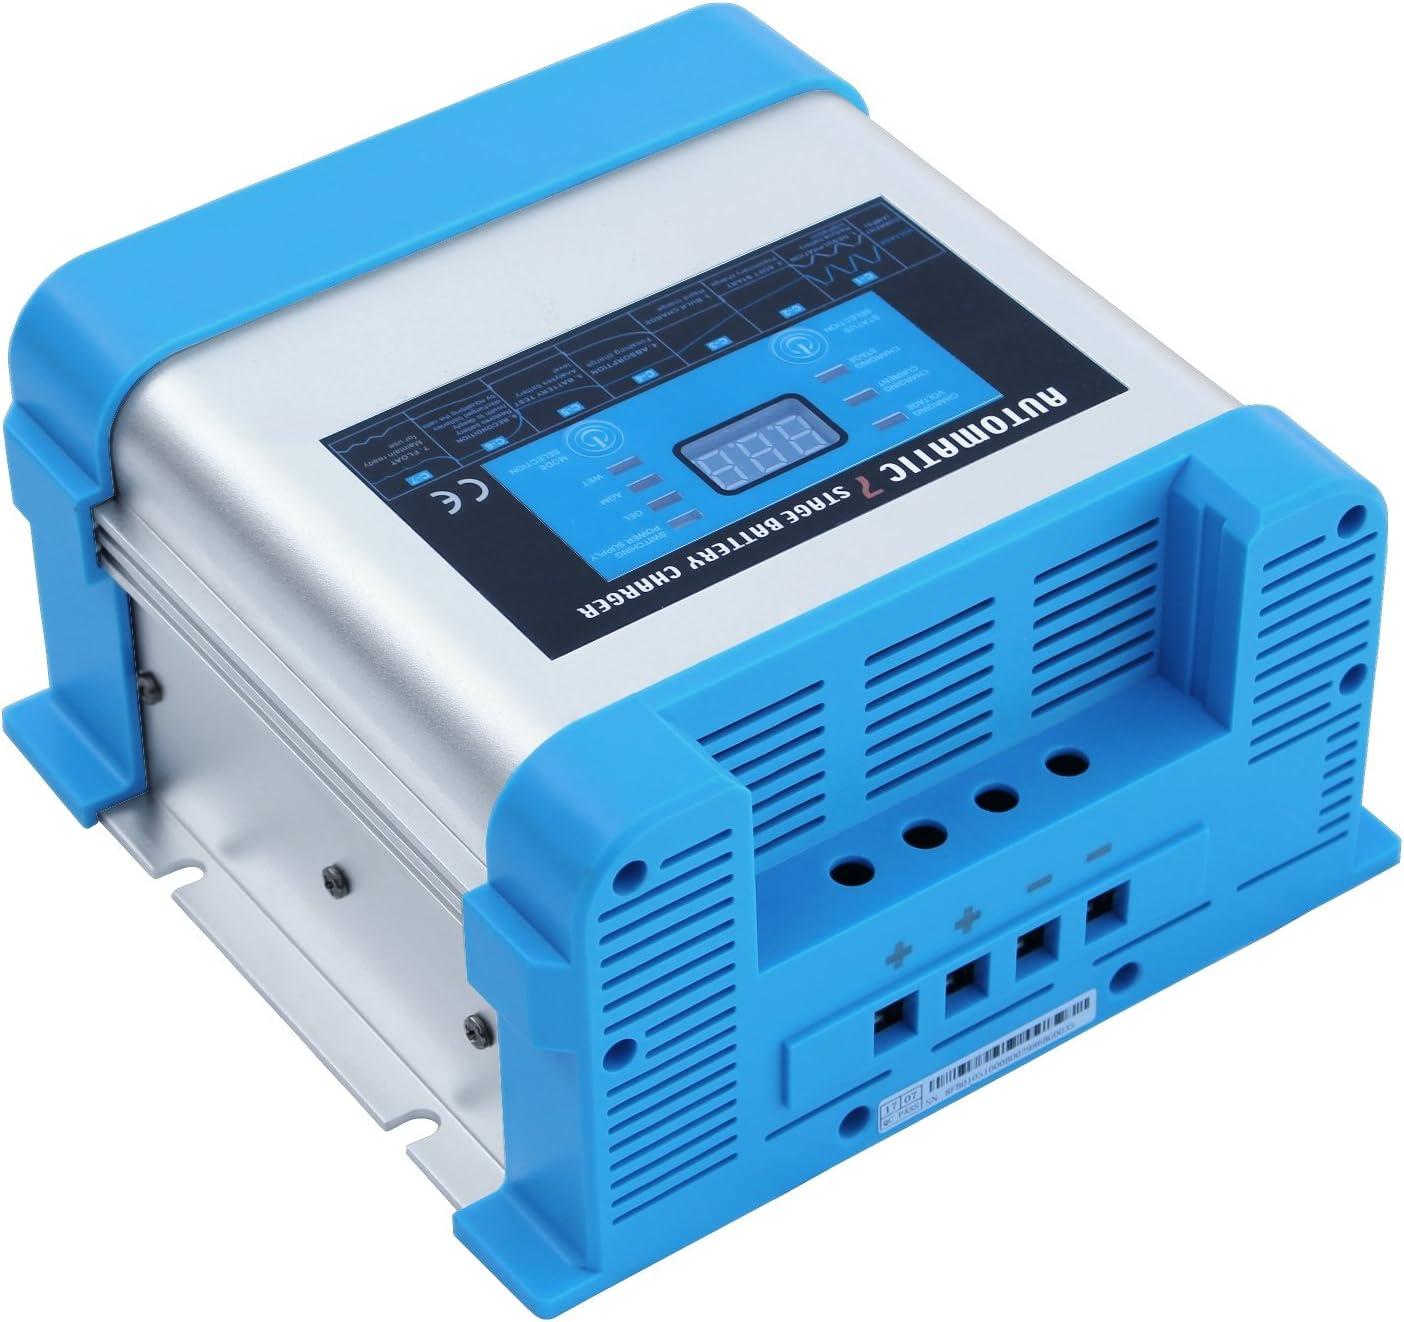 Chargeur de batterie automatique intelligent multi-/étapes 10 A 12 V pour un chargement s/ûr sans surveillance dune ou plusieurs batteries 12 V /à partir du secteur 230 V AC